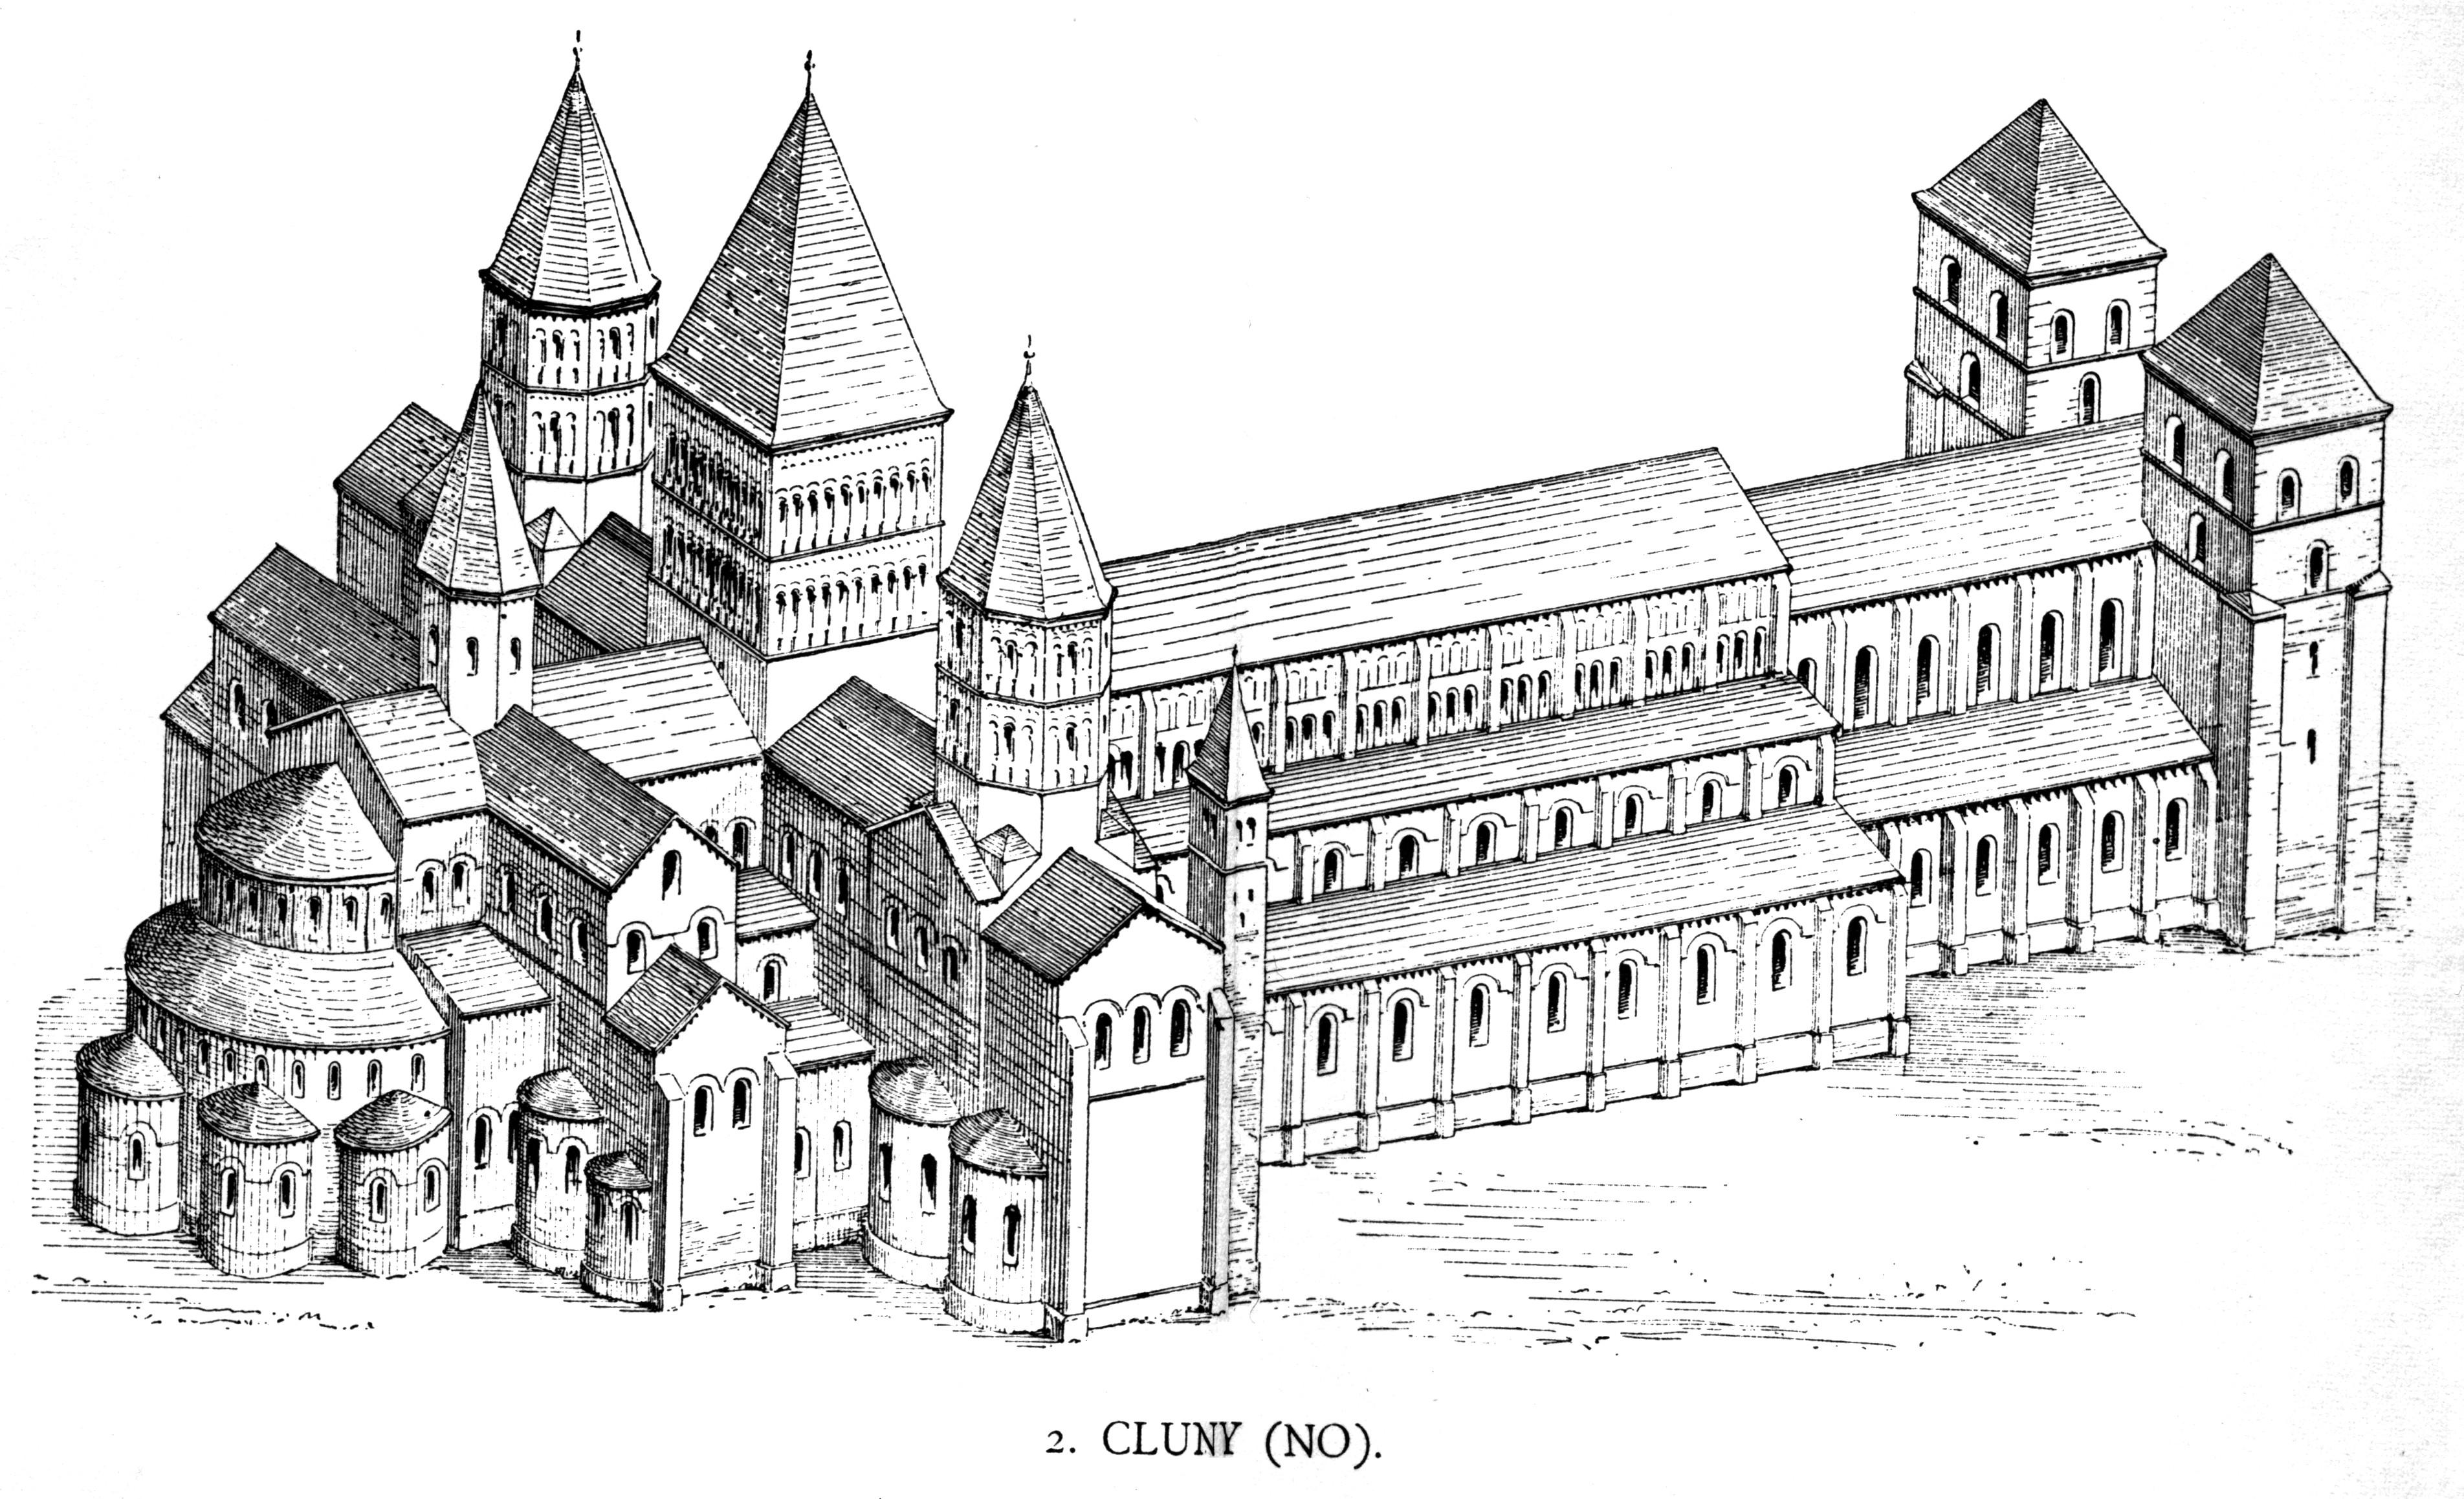 ehemalige Abteikirche von Cluny (Bau III)